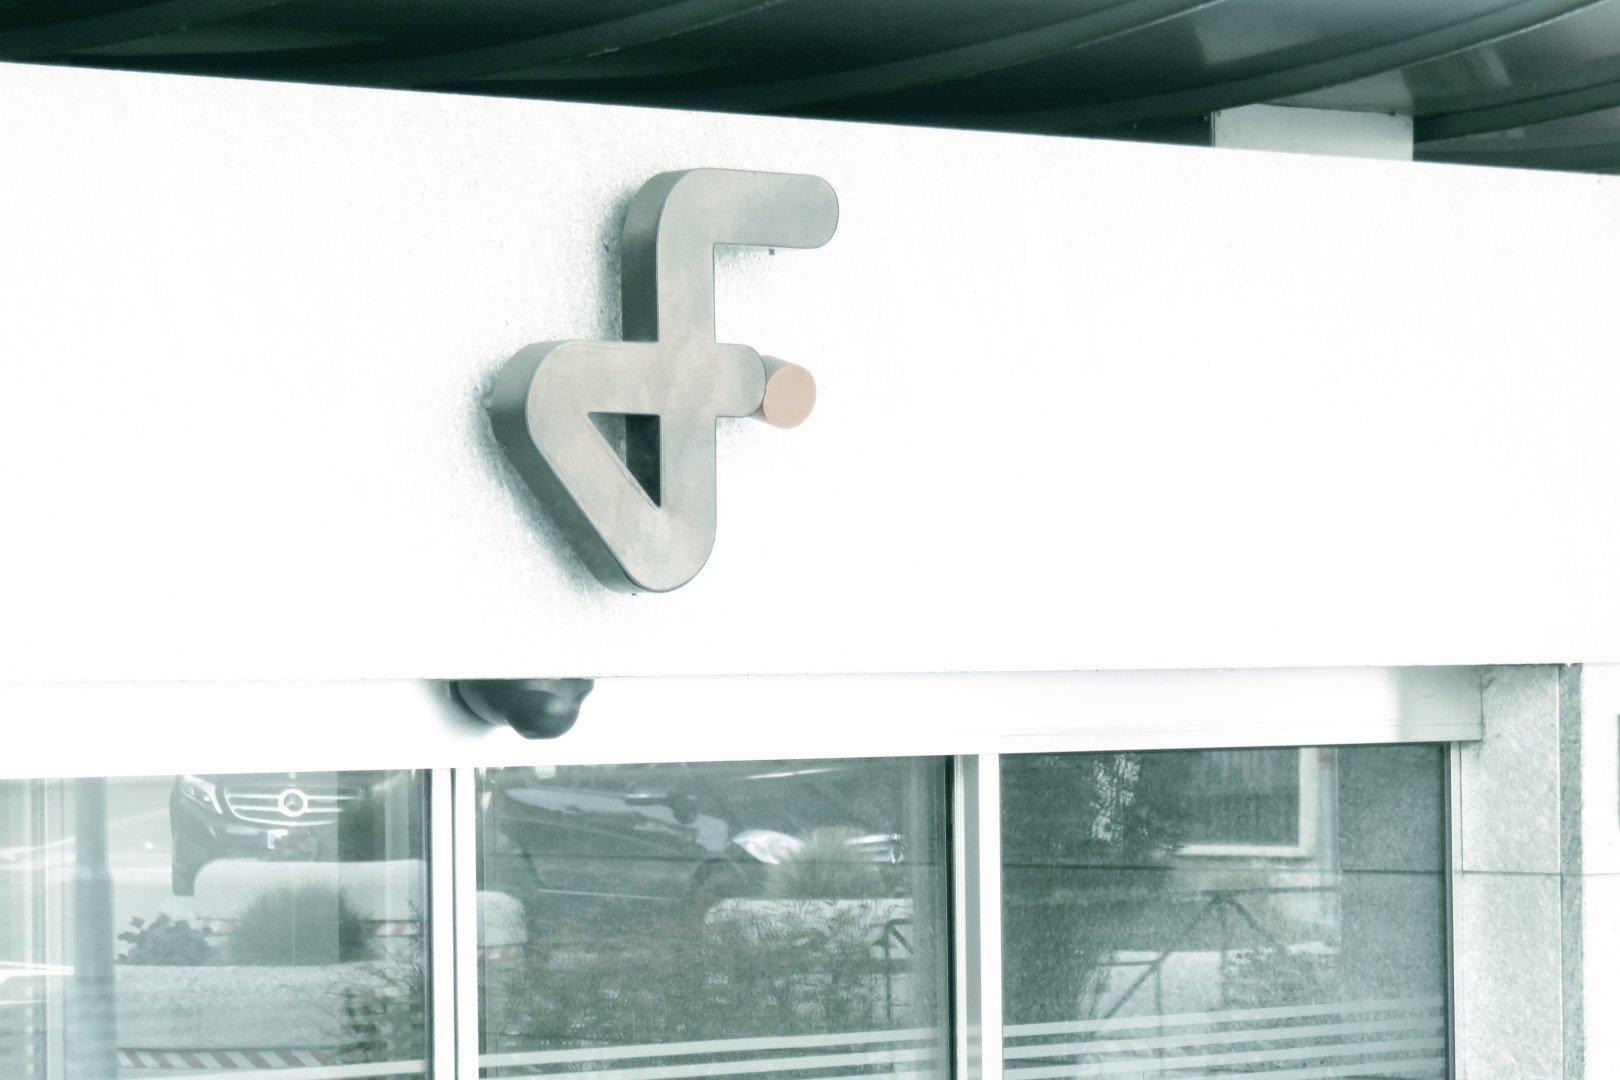 Approvato il regolamento per gli aiuti alle imprese con debiti deteriorati nei confronti di Finaosta